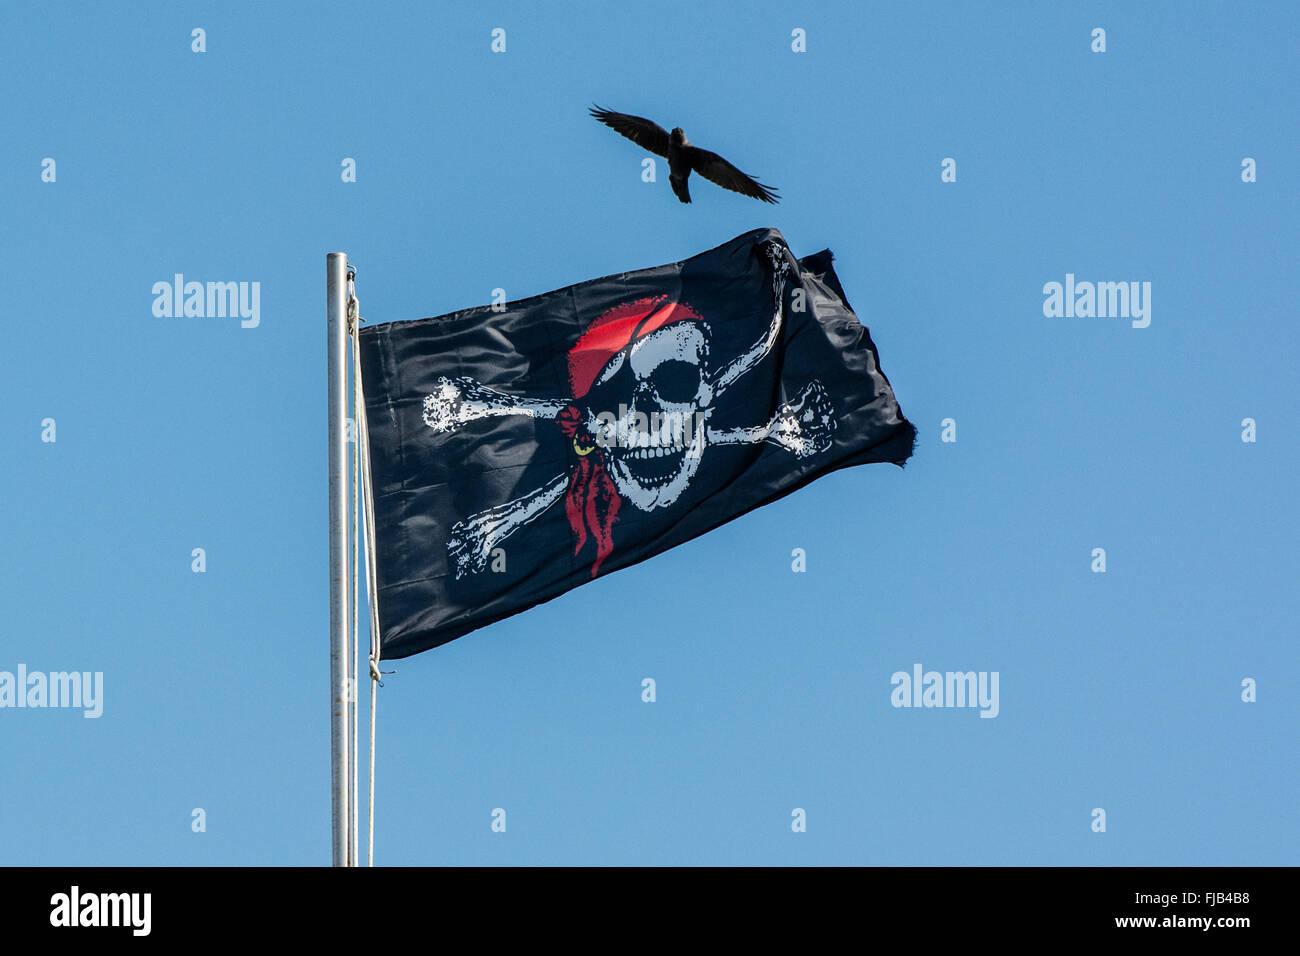 Pirata Jolly Roger bandera ondeando en la bandera del polo con crow flying Imagen De Stock